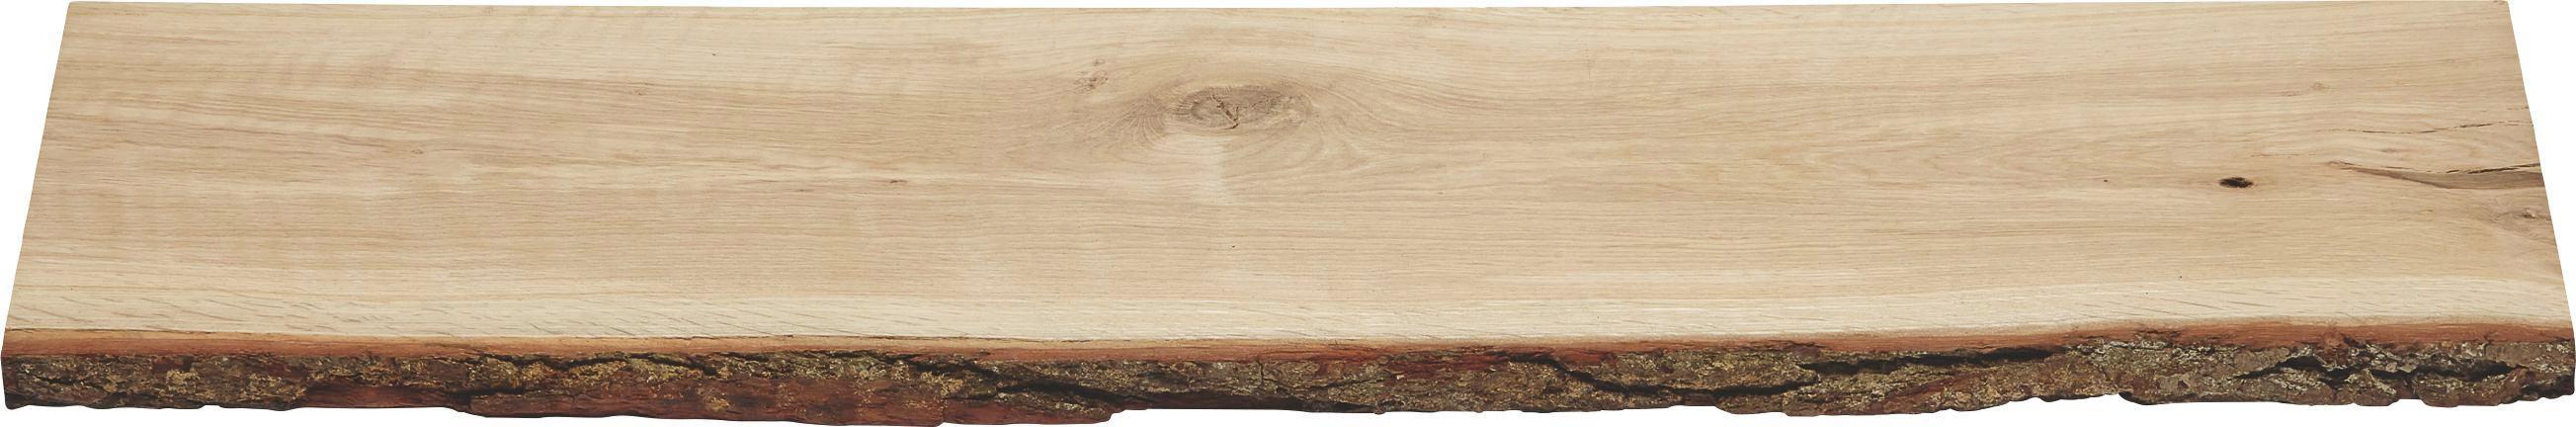 Wandboard In Eichenrinde   Eichefarben, Holz (80/2/23,5cm)